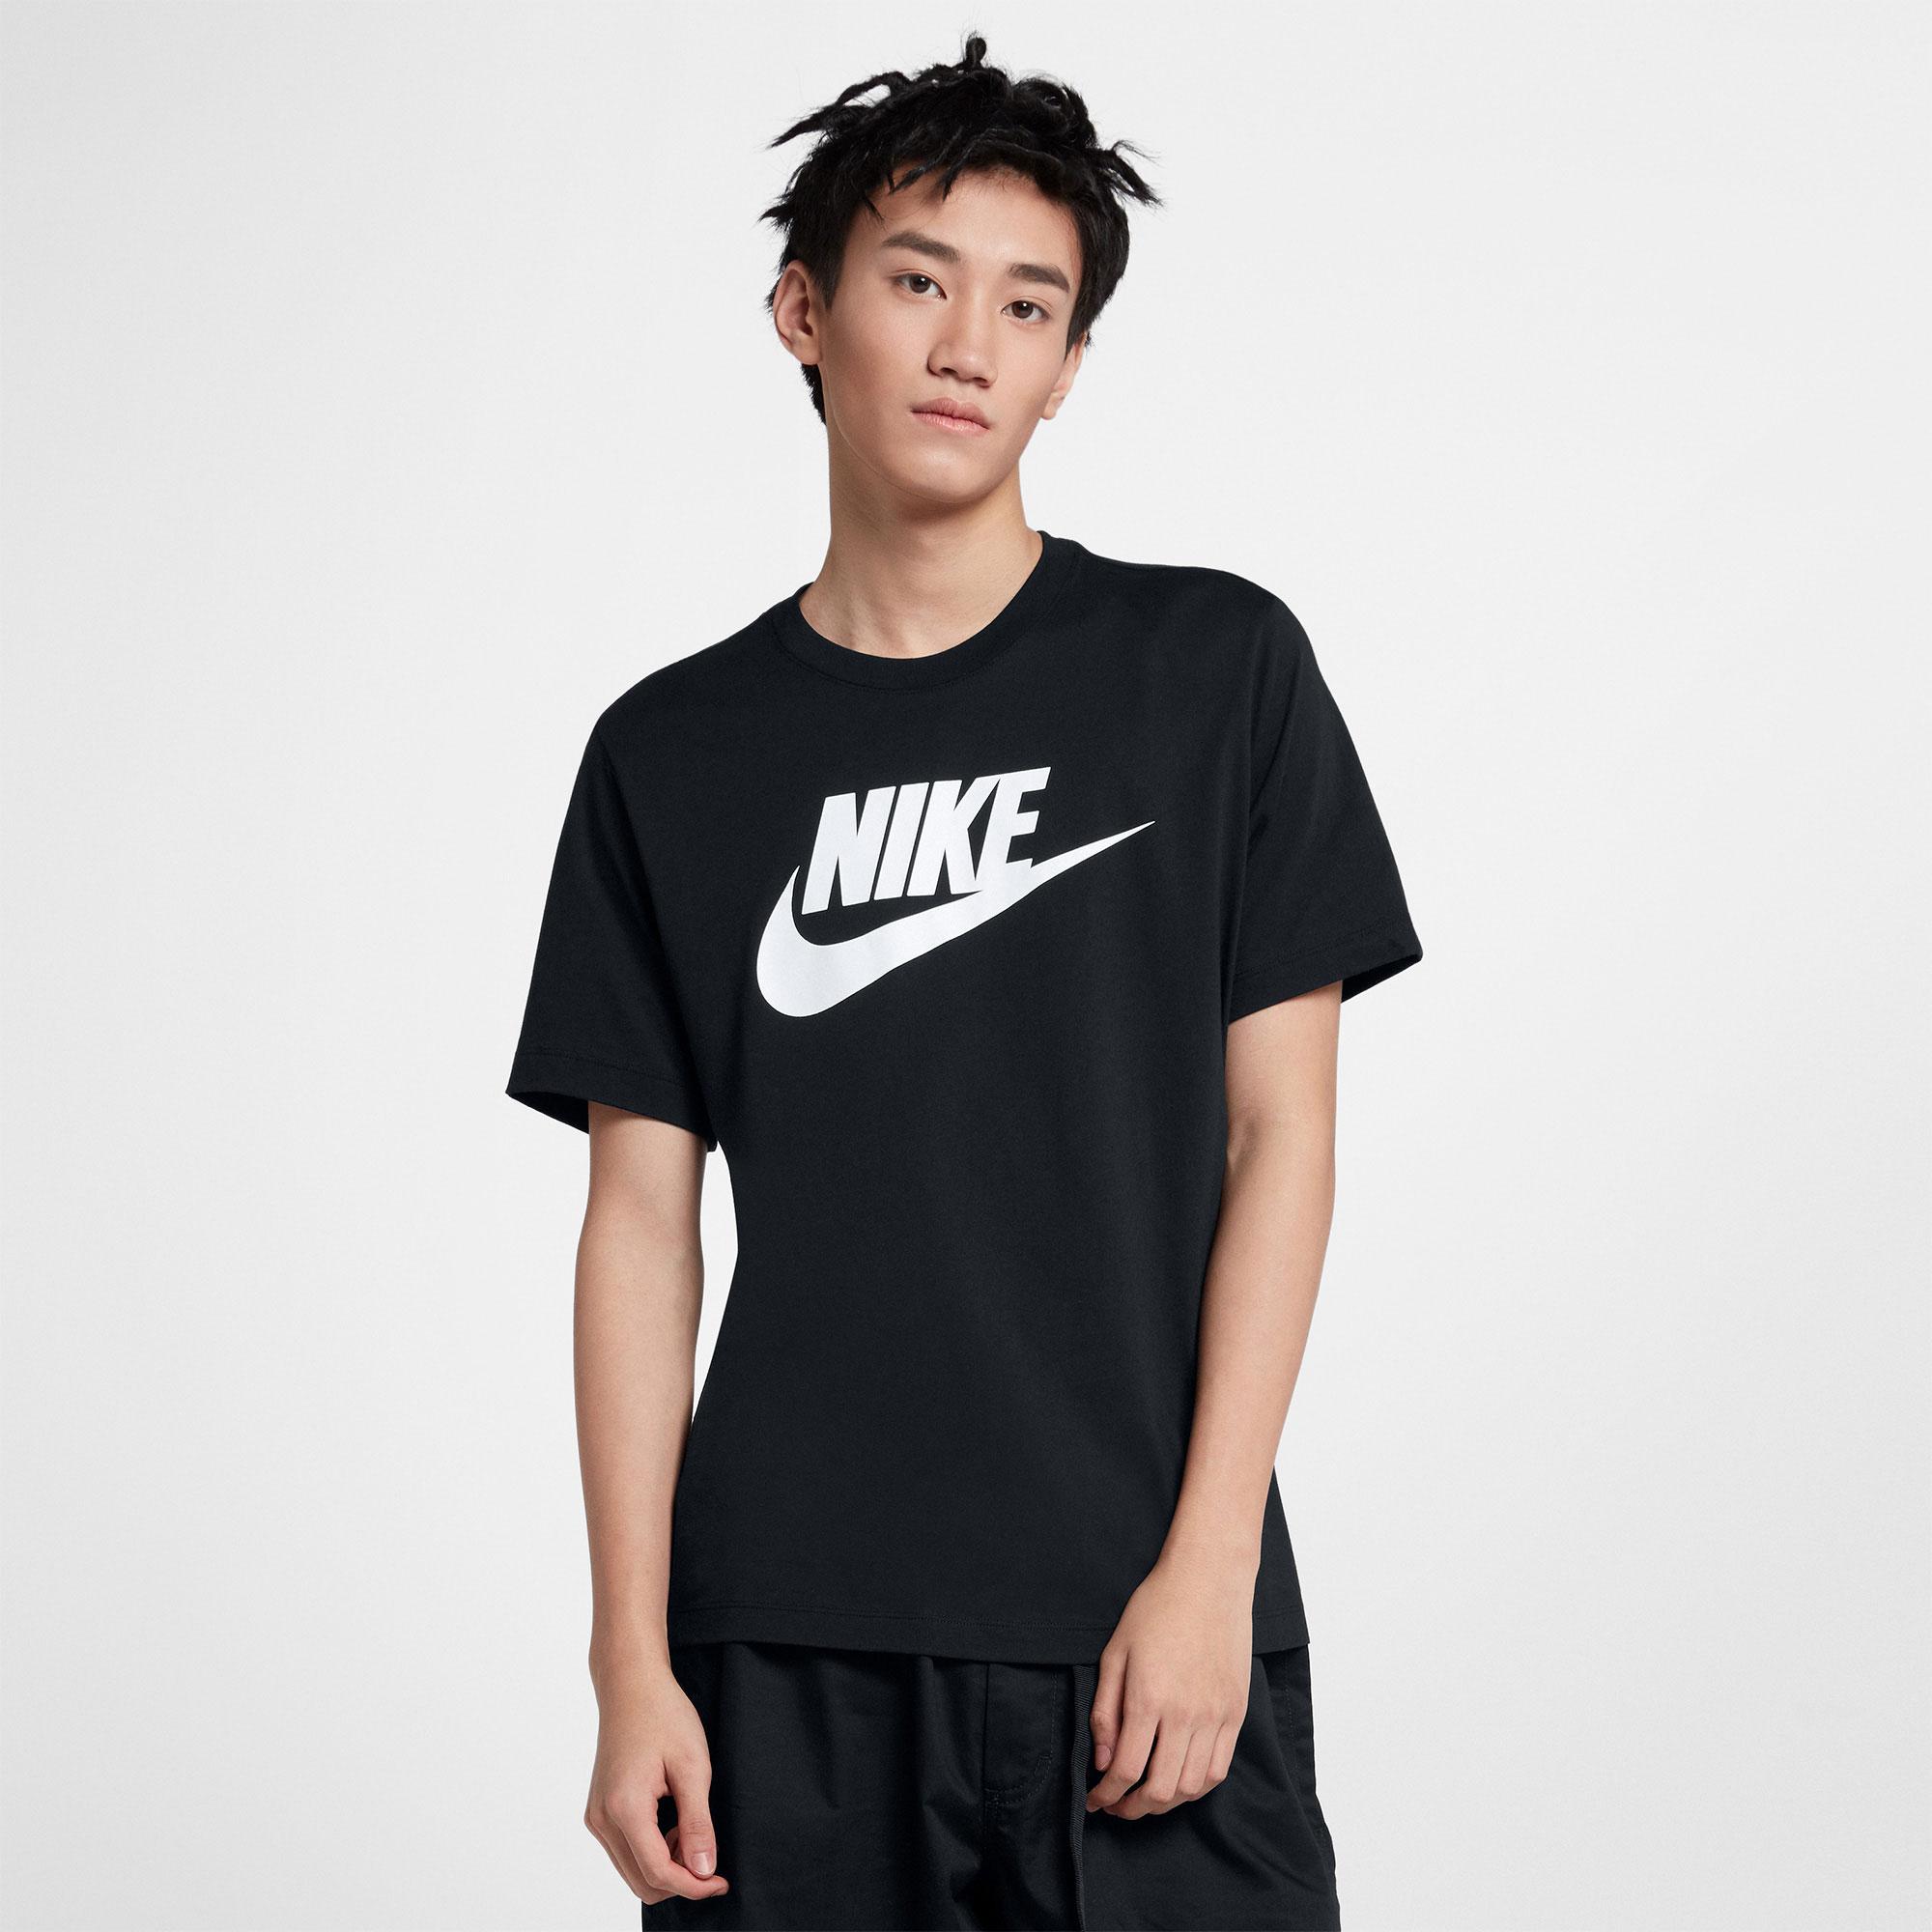 nike tshirt 158